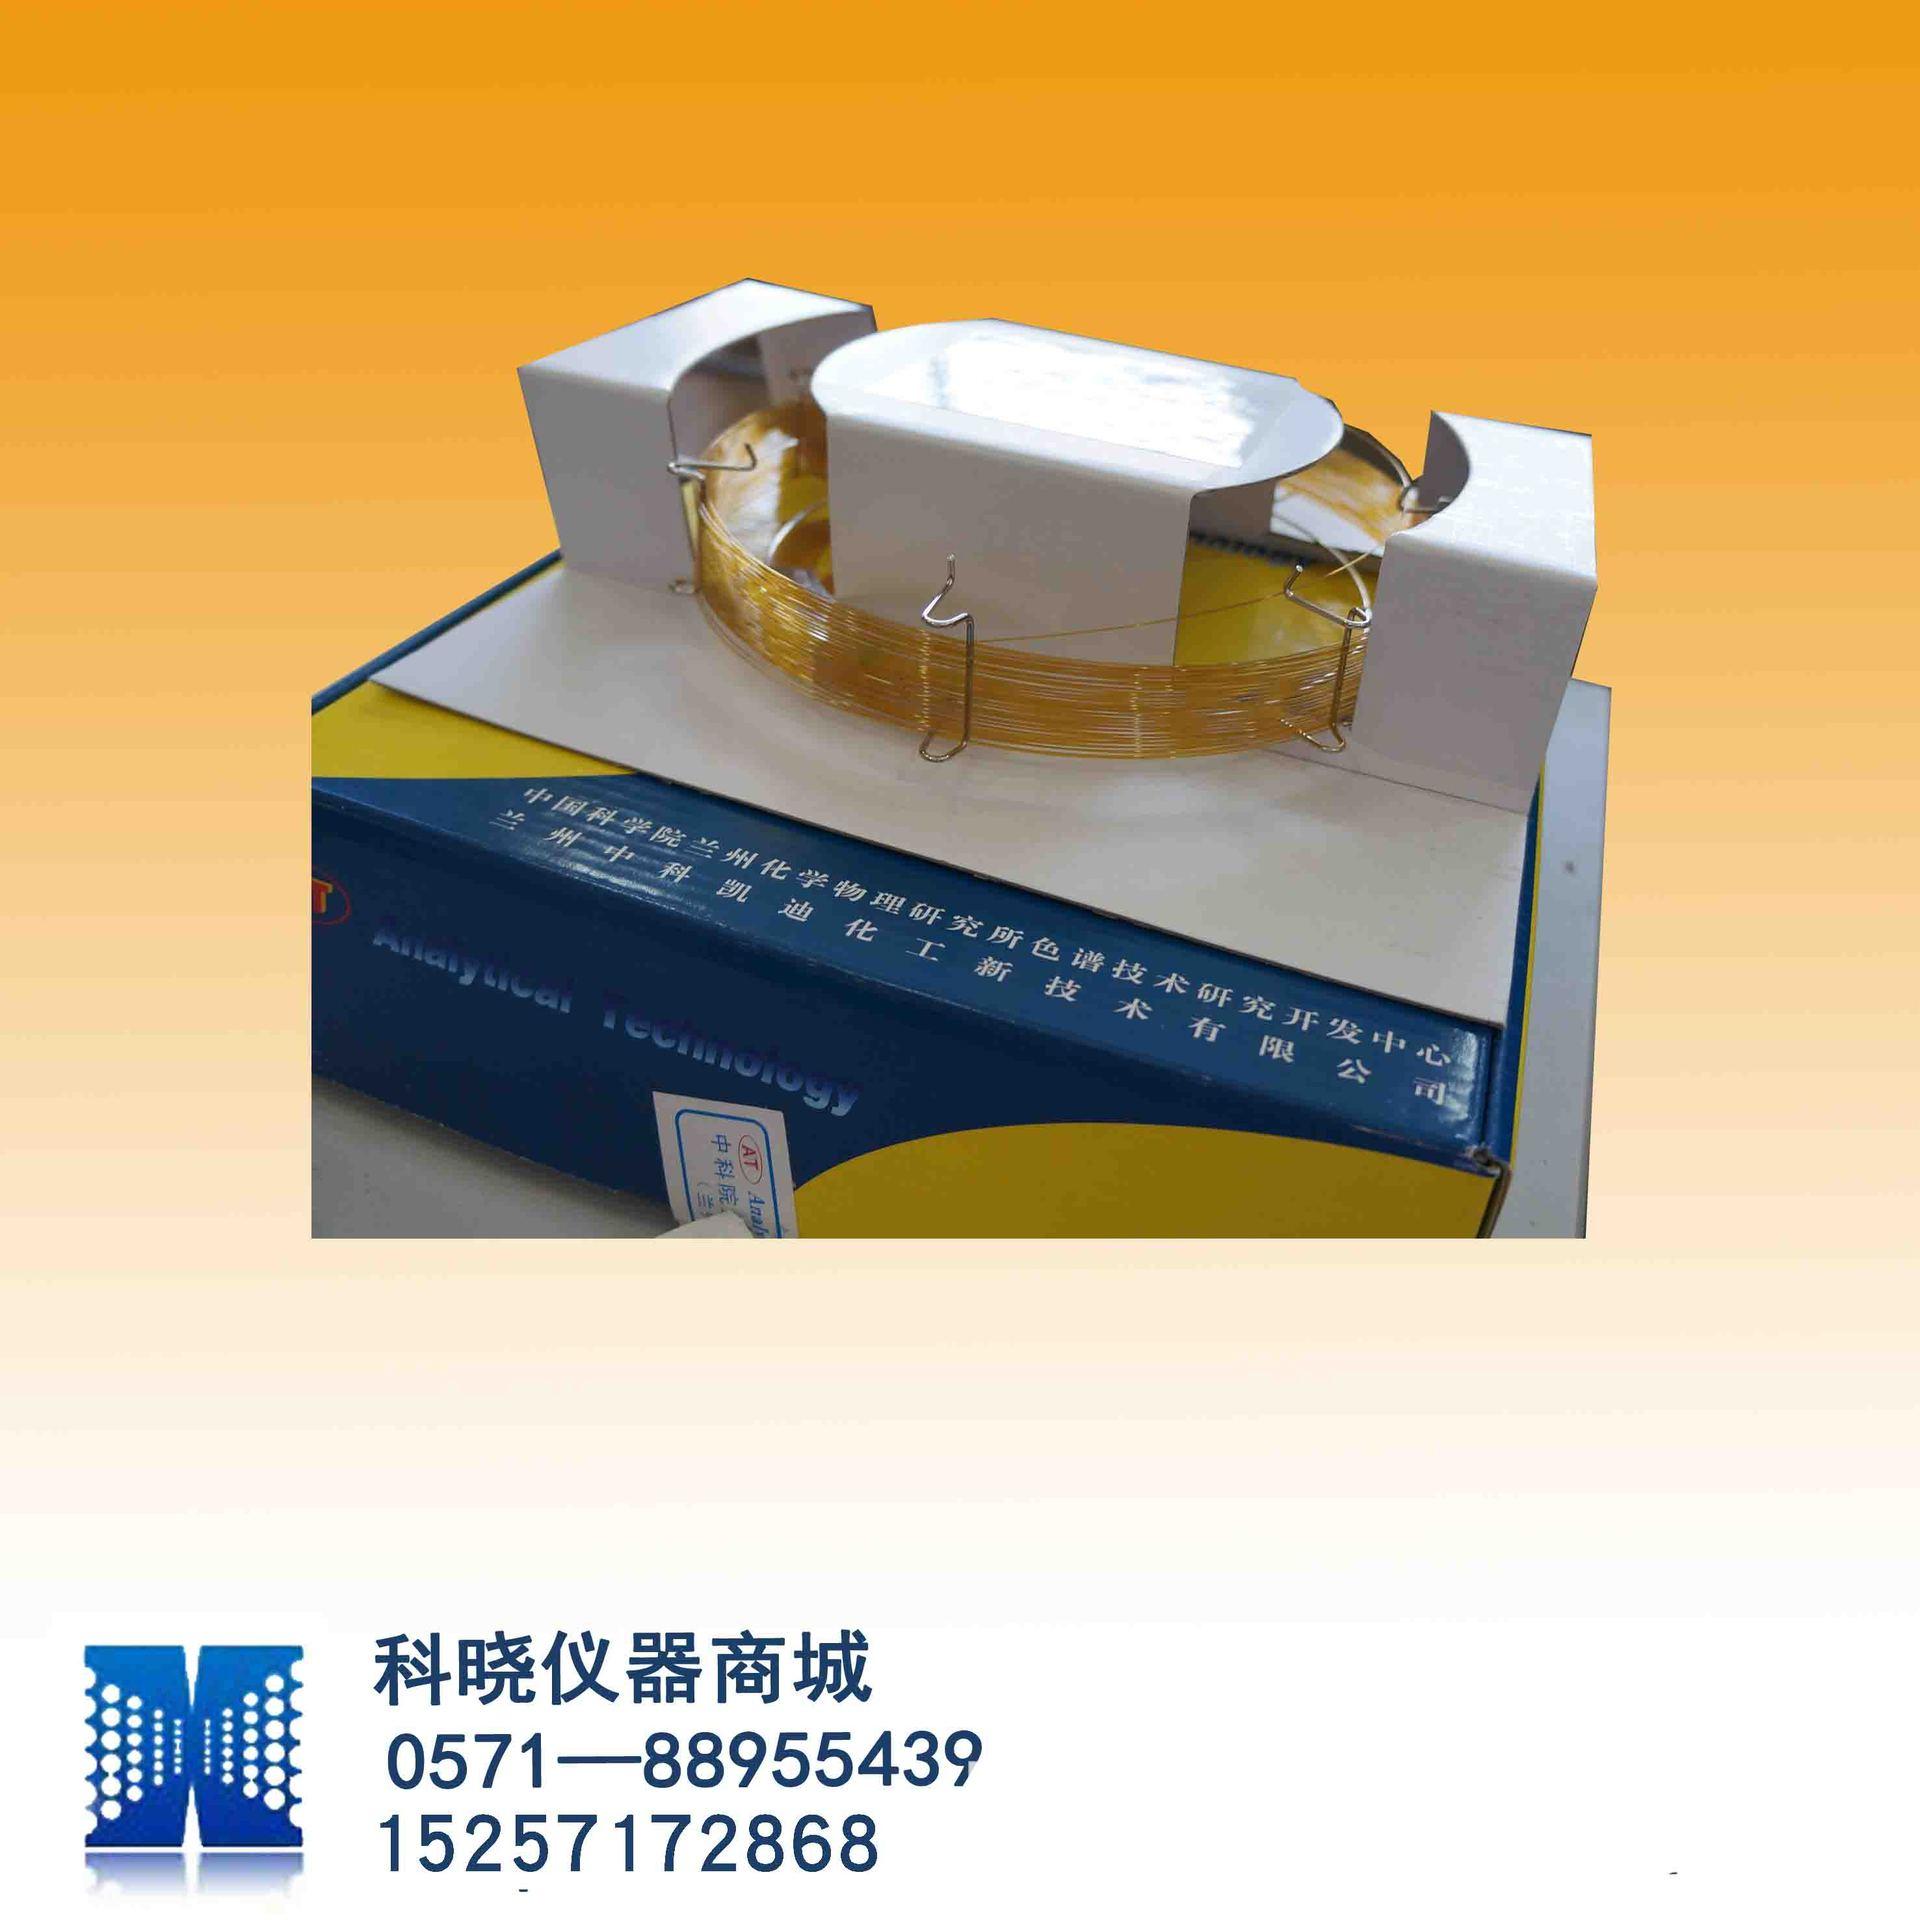 OV-17系列毛细管柱 毛细管柱子 色谱柱